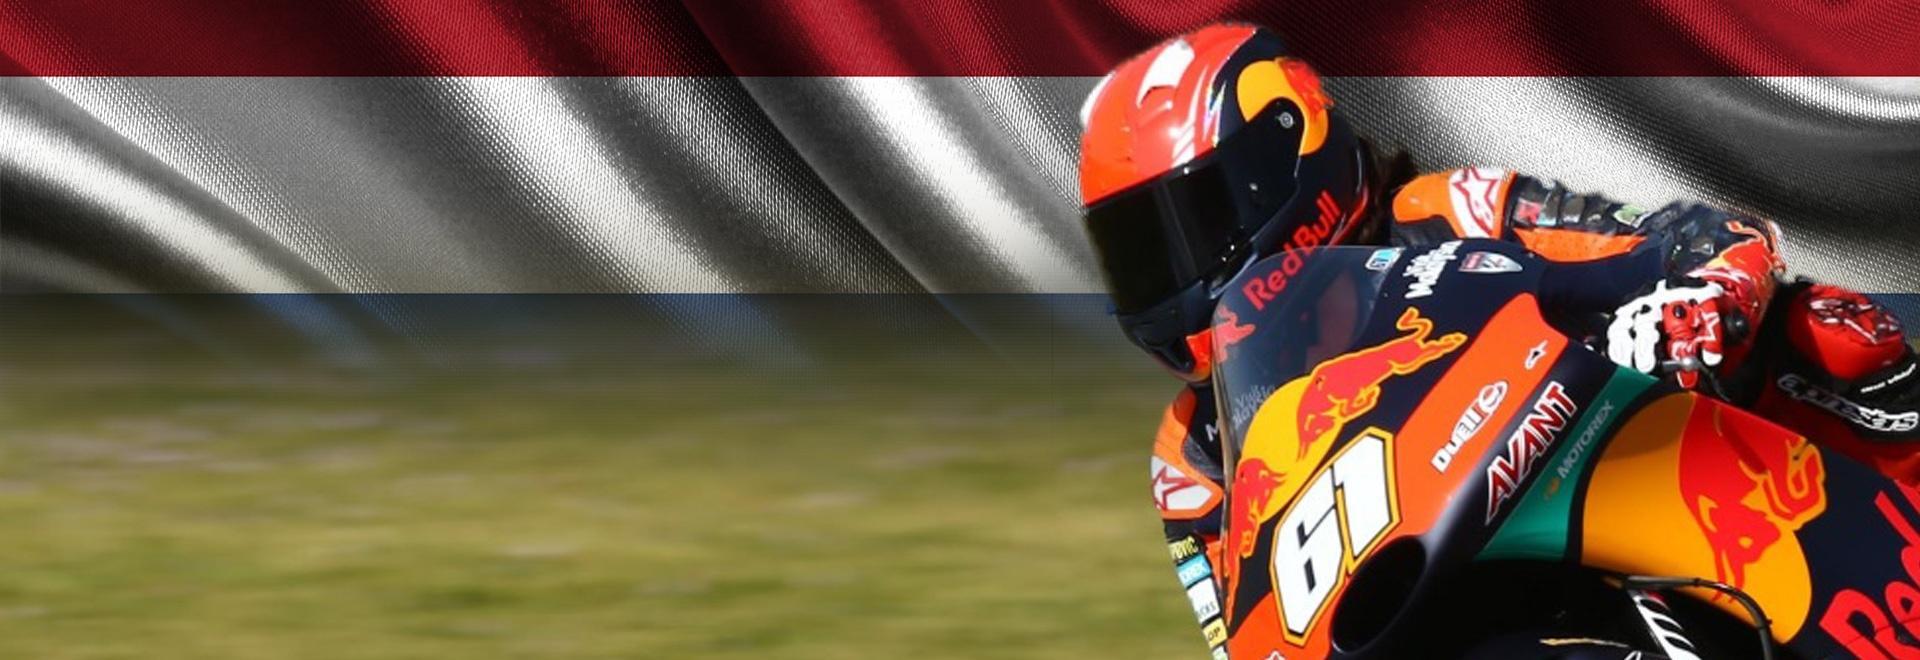 GP Olanda. Gara